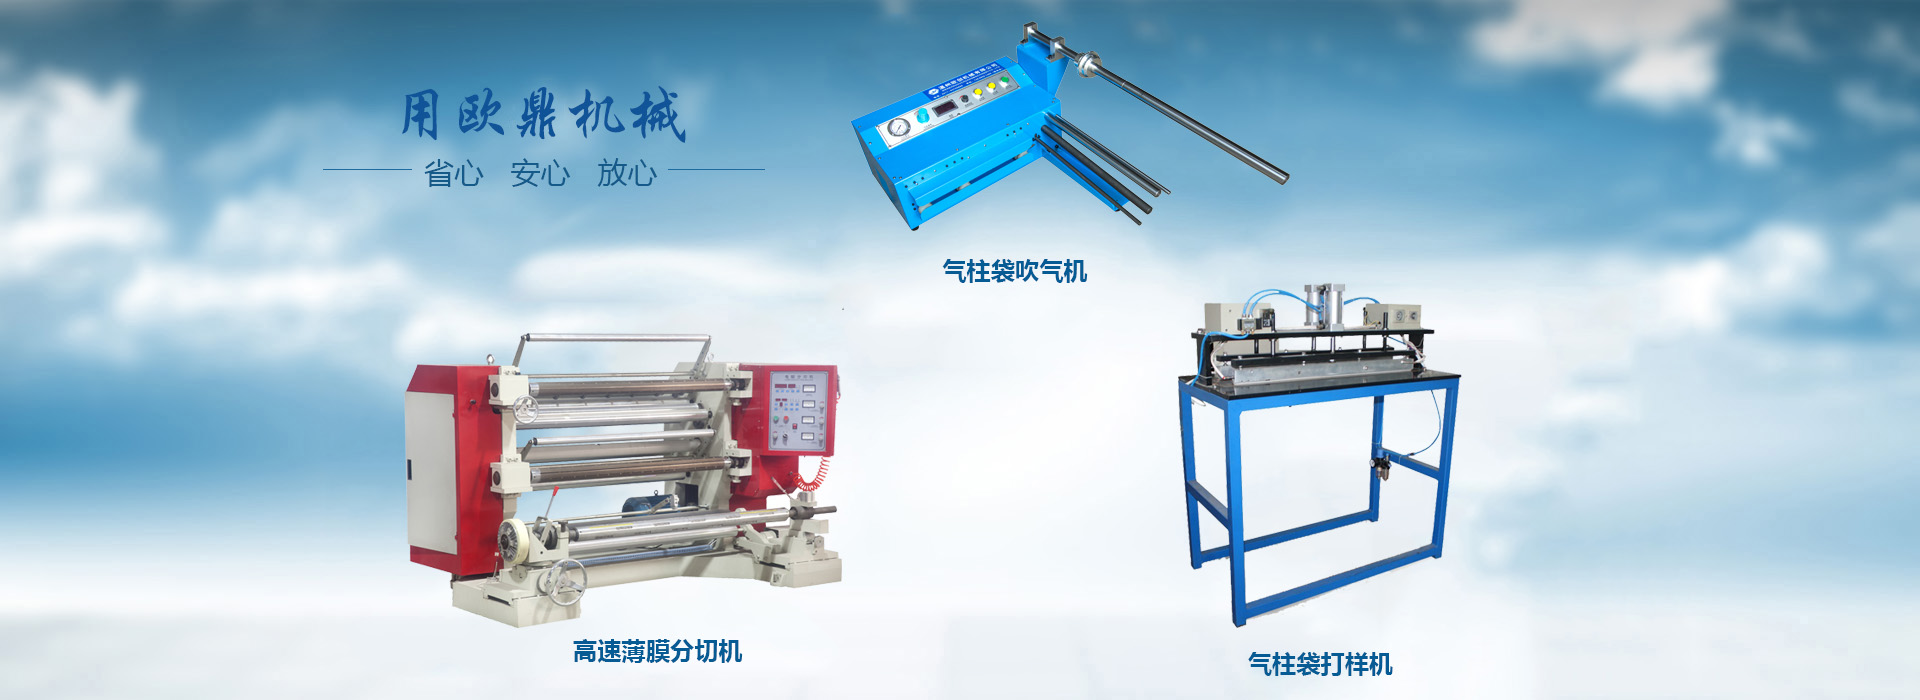 气柱袋生产线厂家